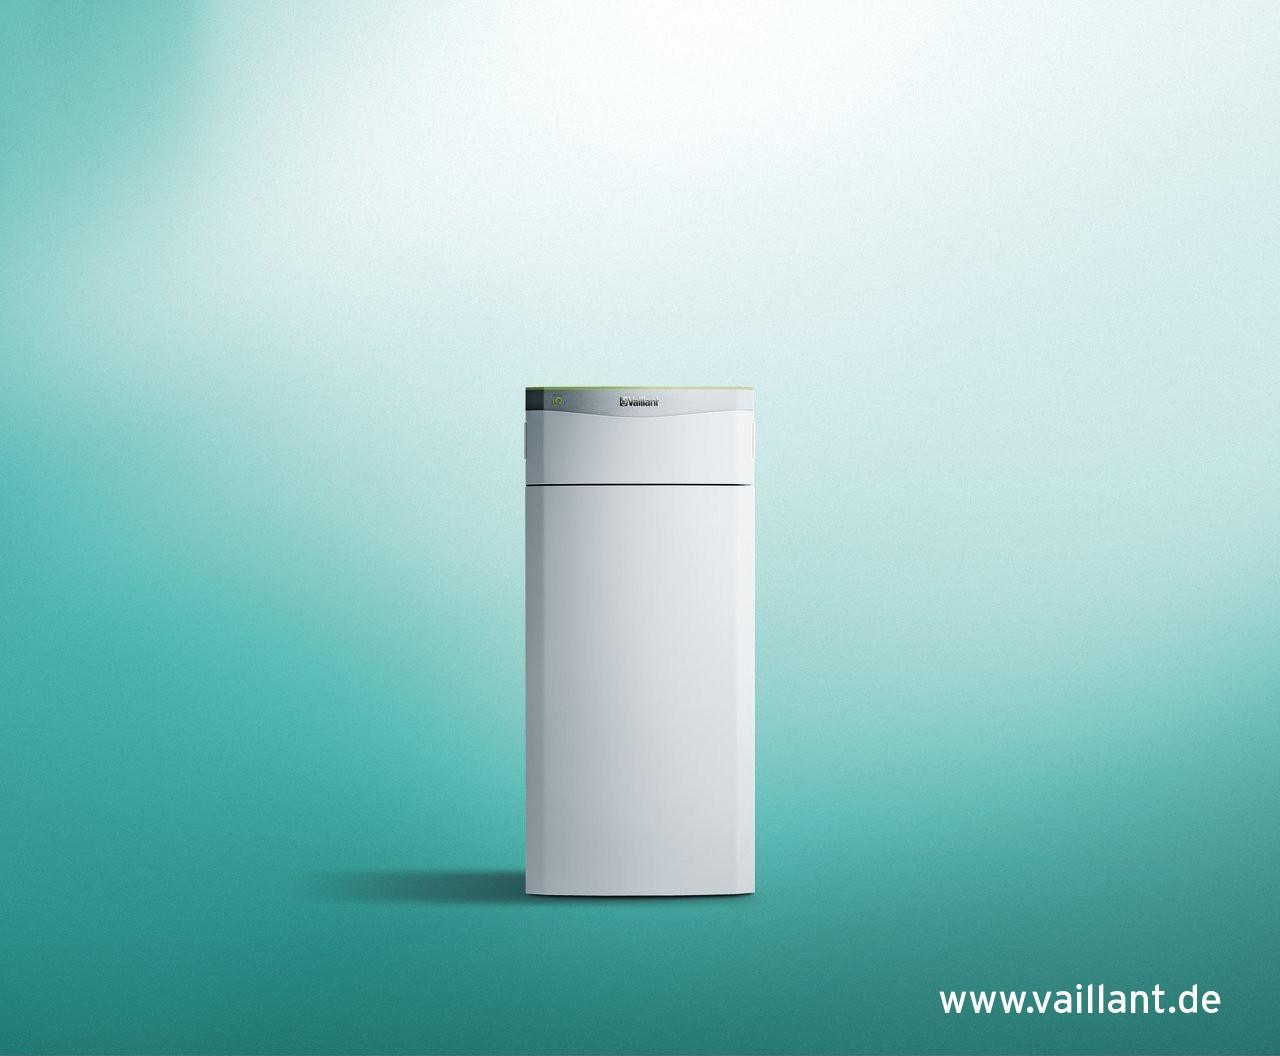 Vaillant VAILLANT Set 4.55 flexoTHERM VWF 197 /4 mit fluoCOLLECT Wasser/Wasser